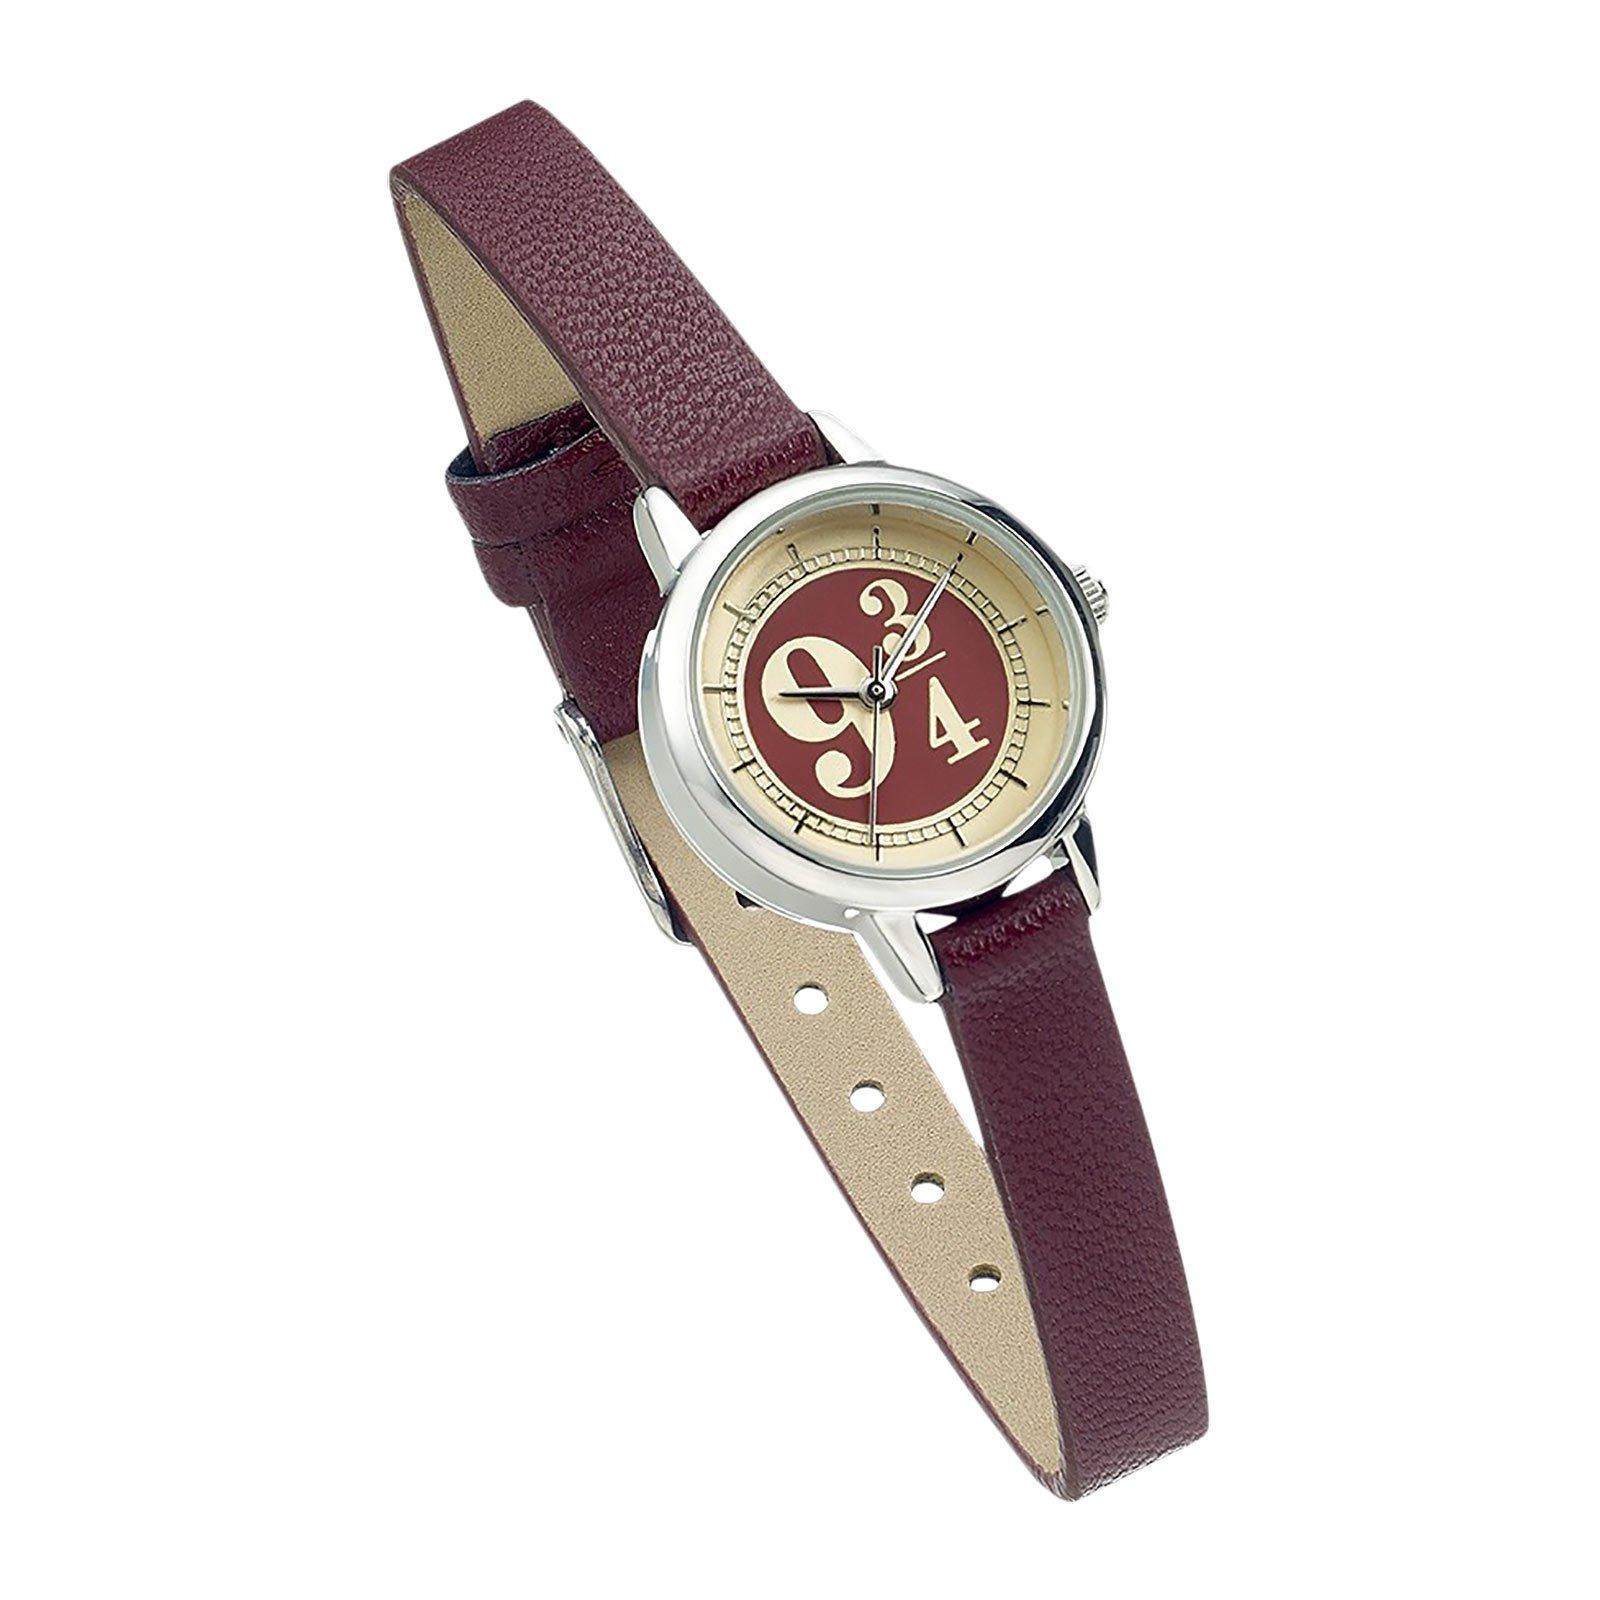 Carat – Hpotter Reloj Andén 9 3/4